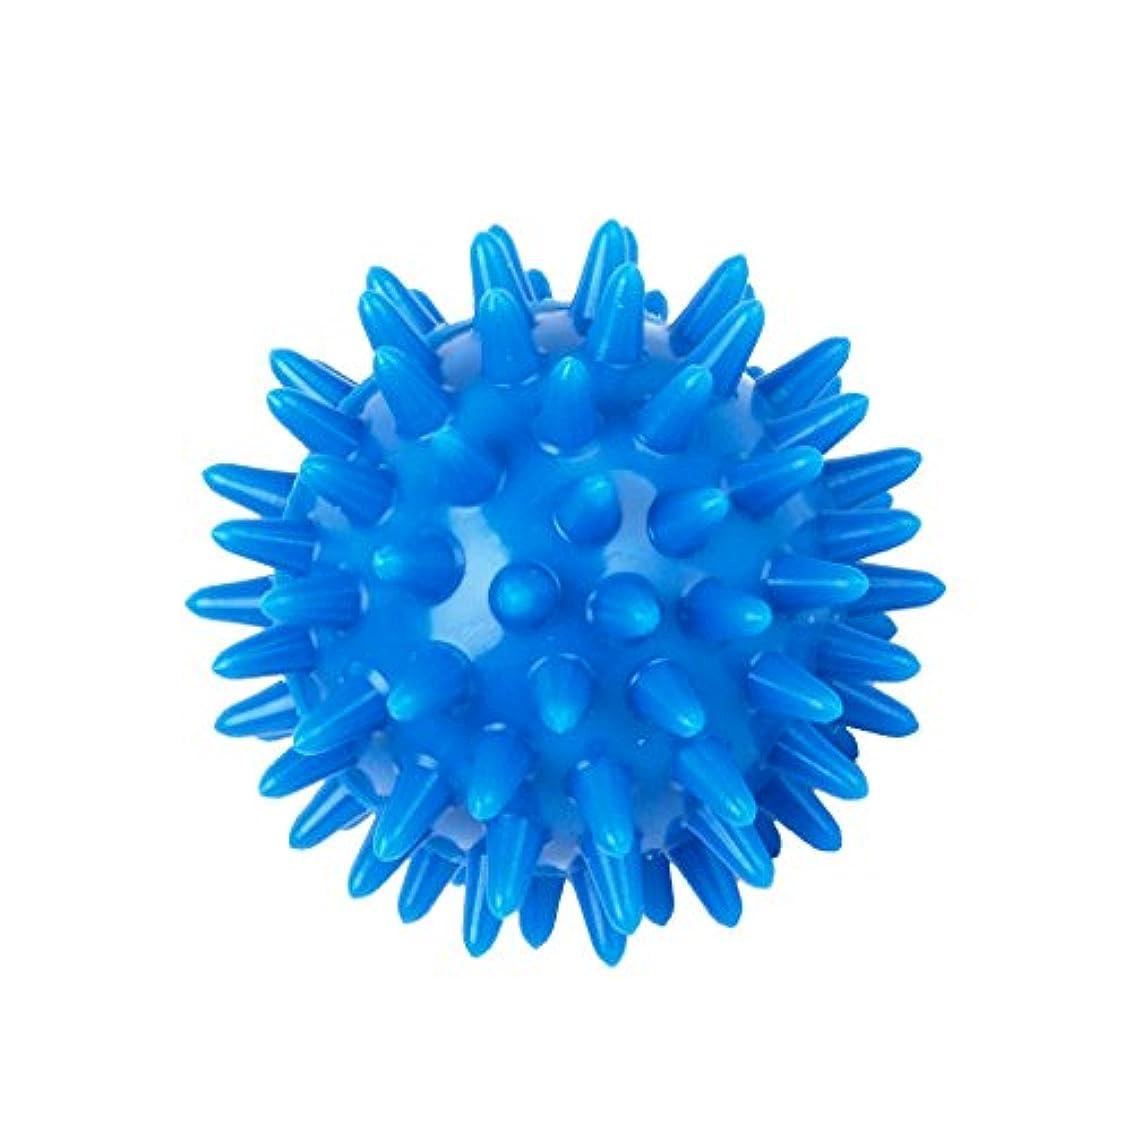 無視できる治療古代Baoblaze PVC製 足用マッサージボール マッサージボール 筋肉緊張和らげ 血液循環促進 5.5センチメートル ブルー